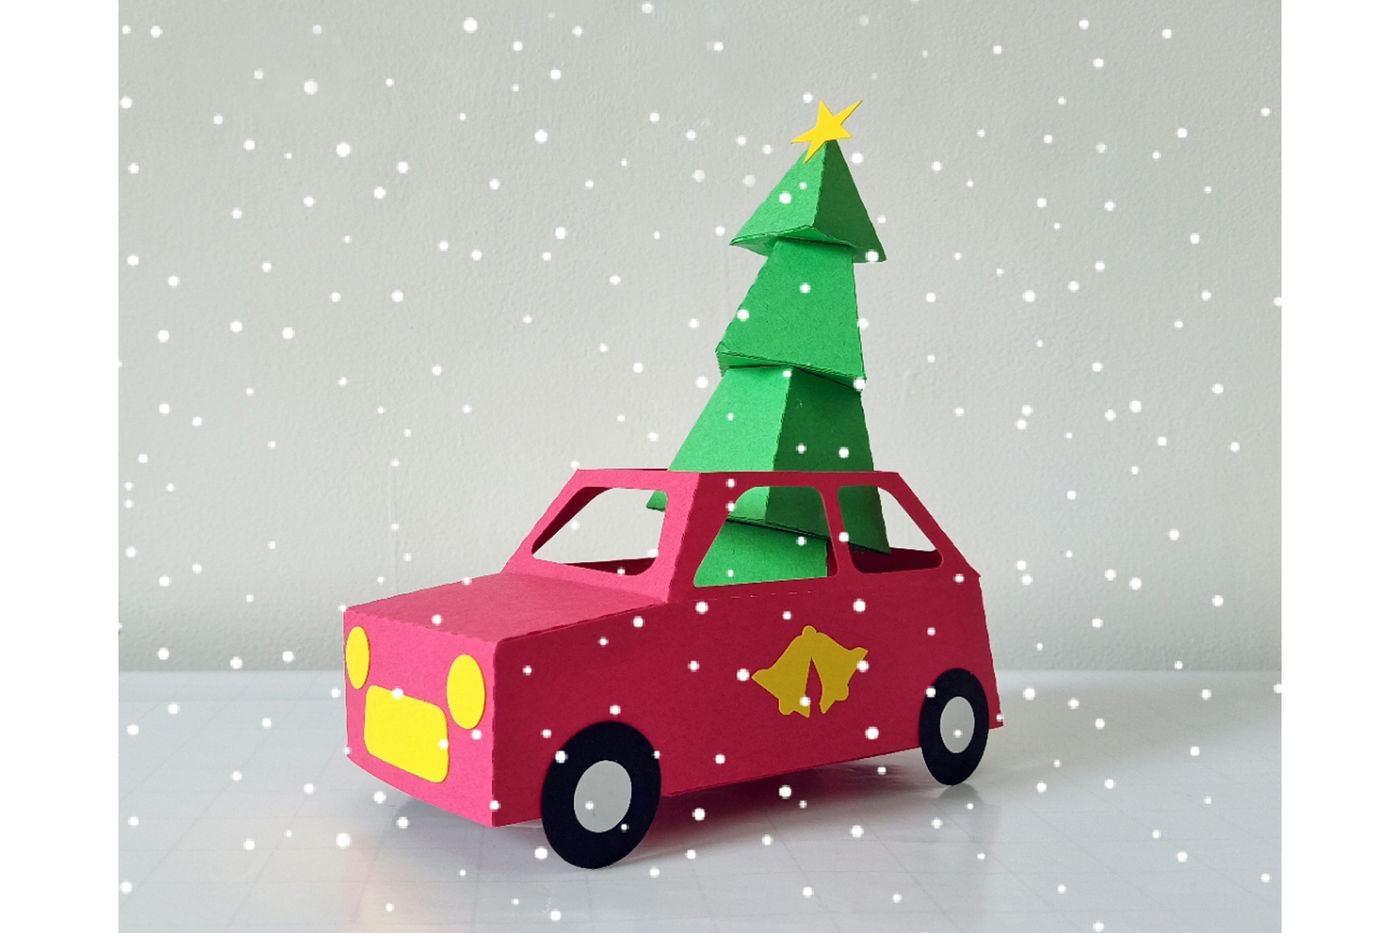 Diy Christmas Car 3d Papercraft By Paper Amaze Thehungryjpeg Com